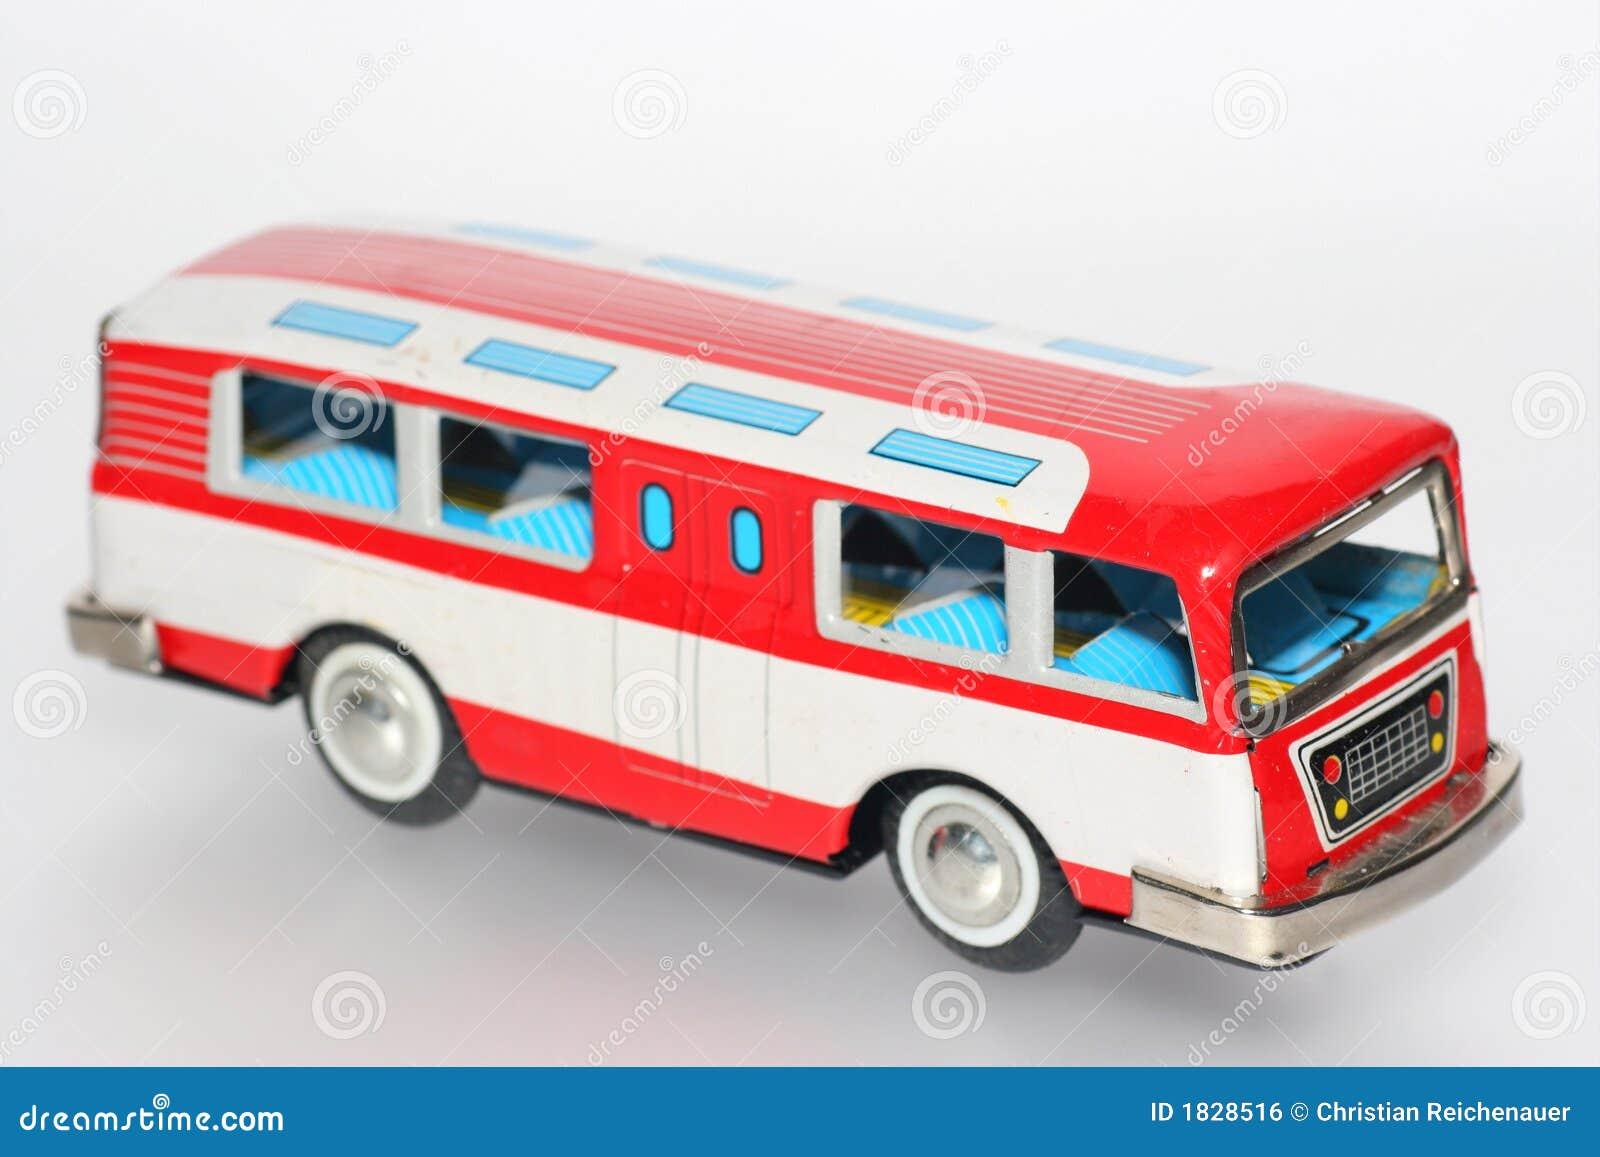 Tin toy bus